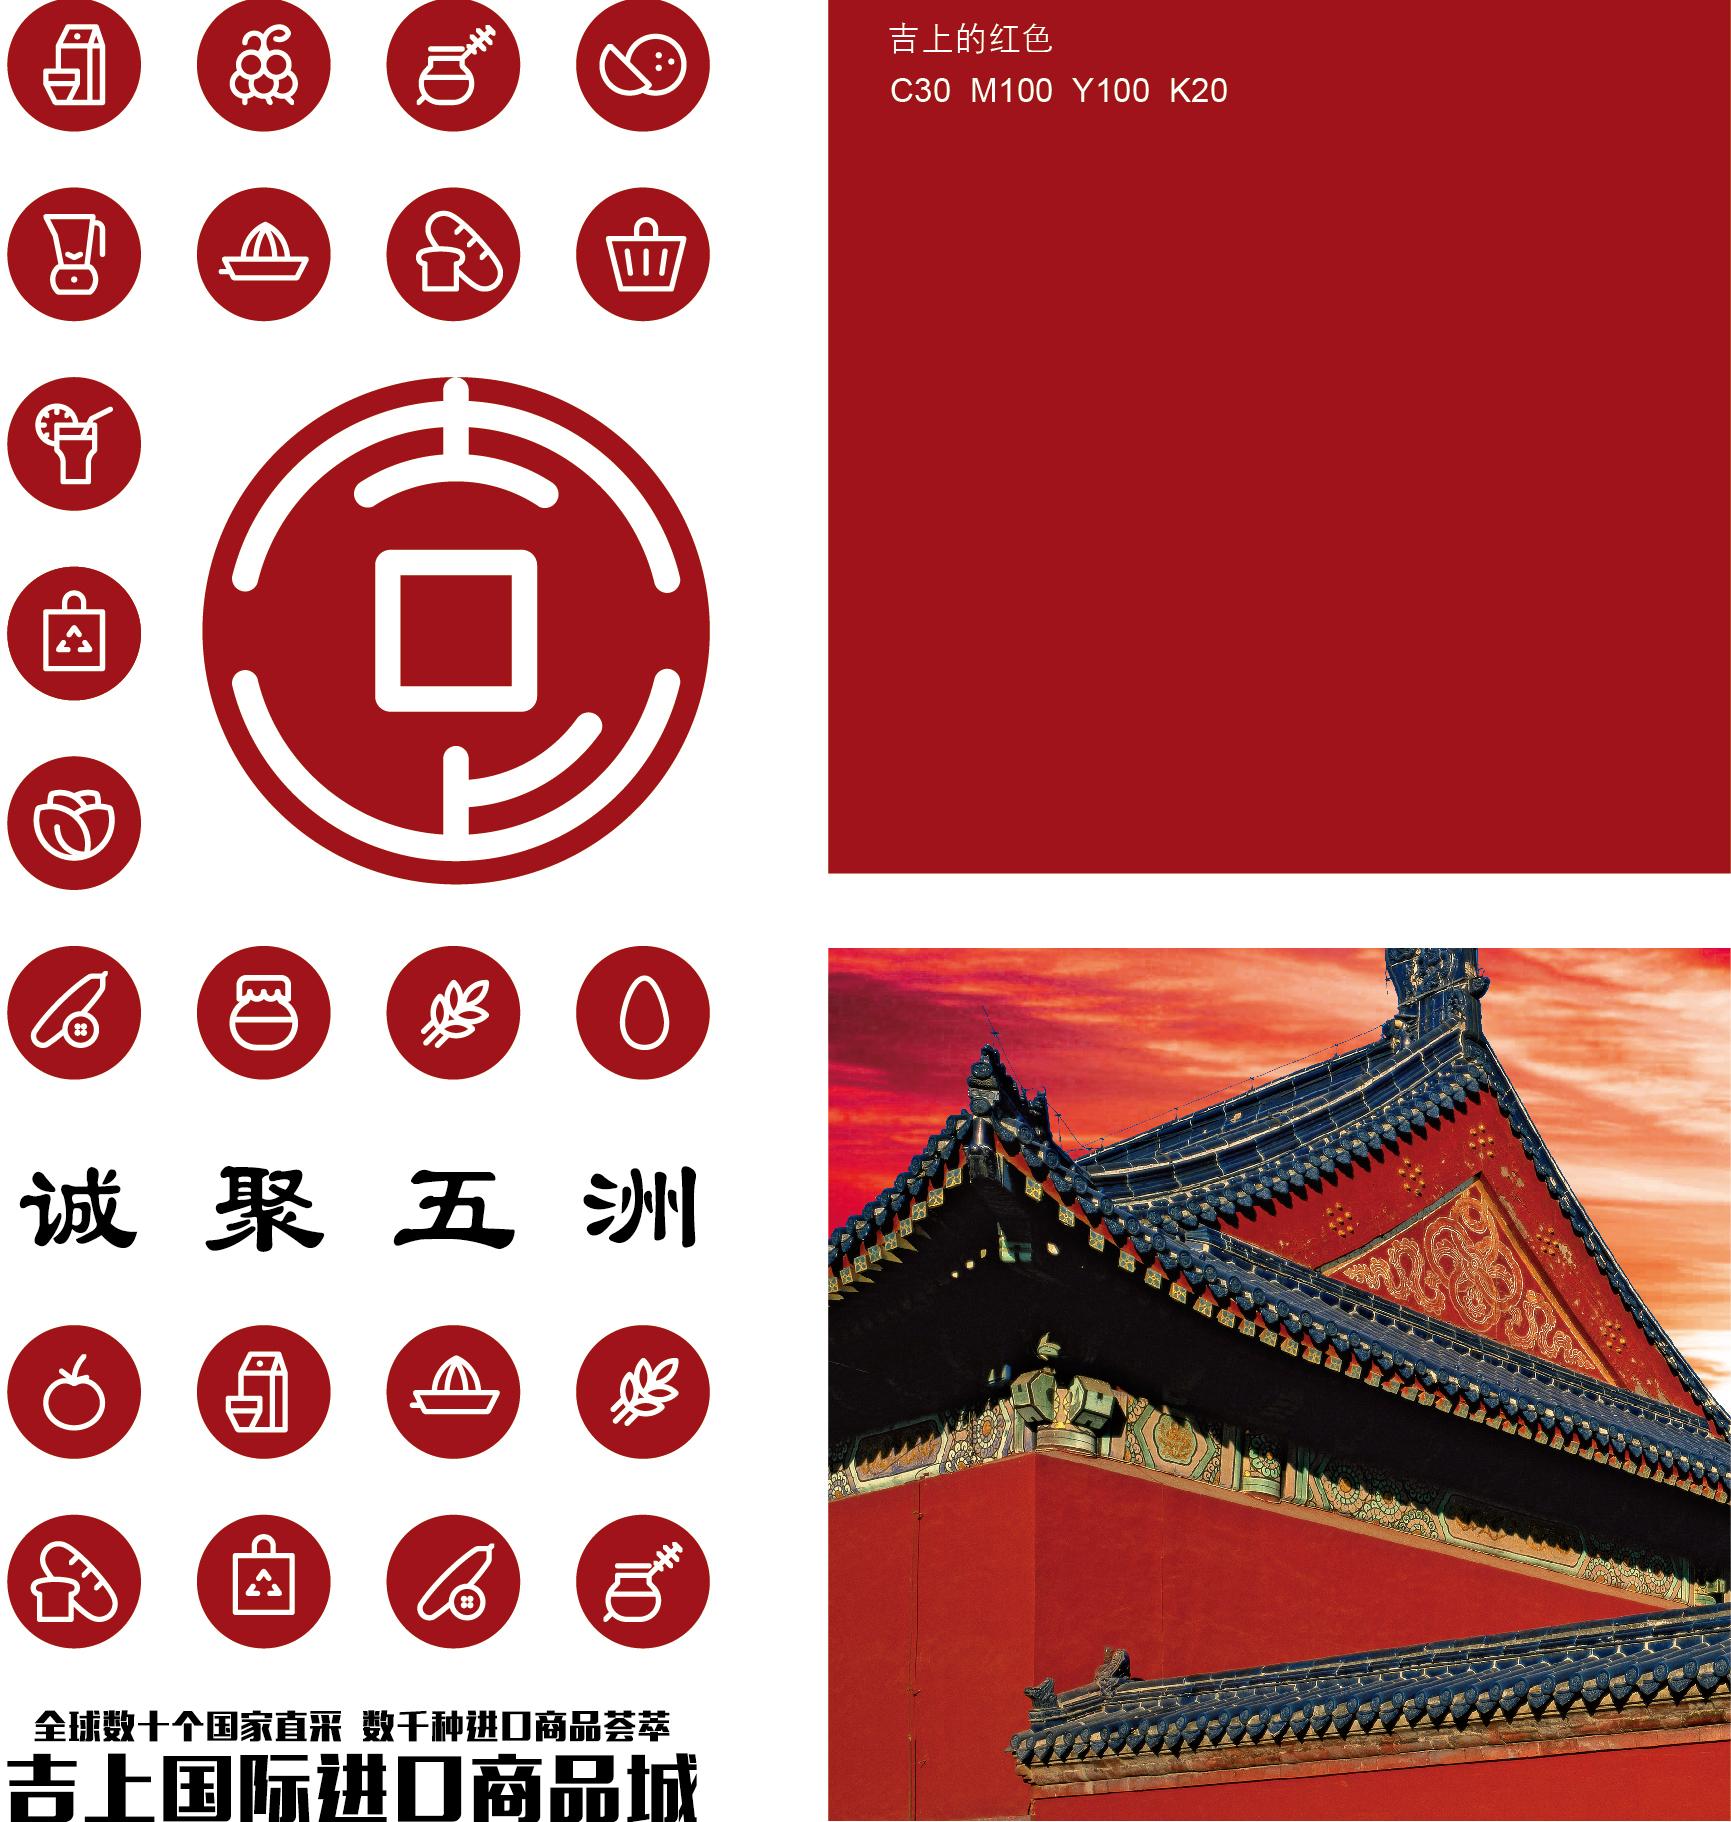 青岛吉上国际贸易有限公司|平面|标志|lisonglisong